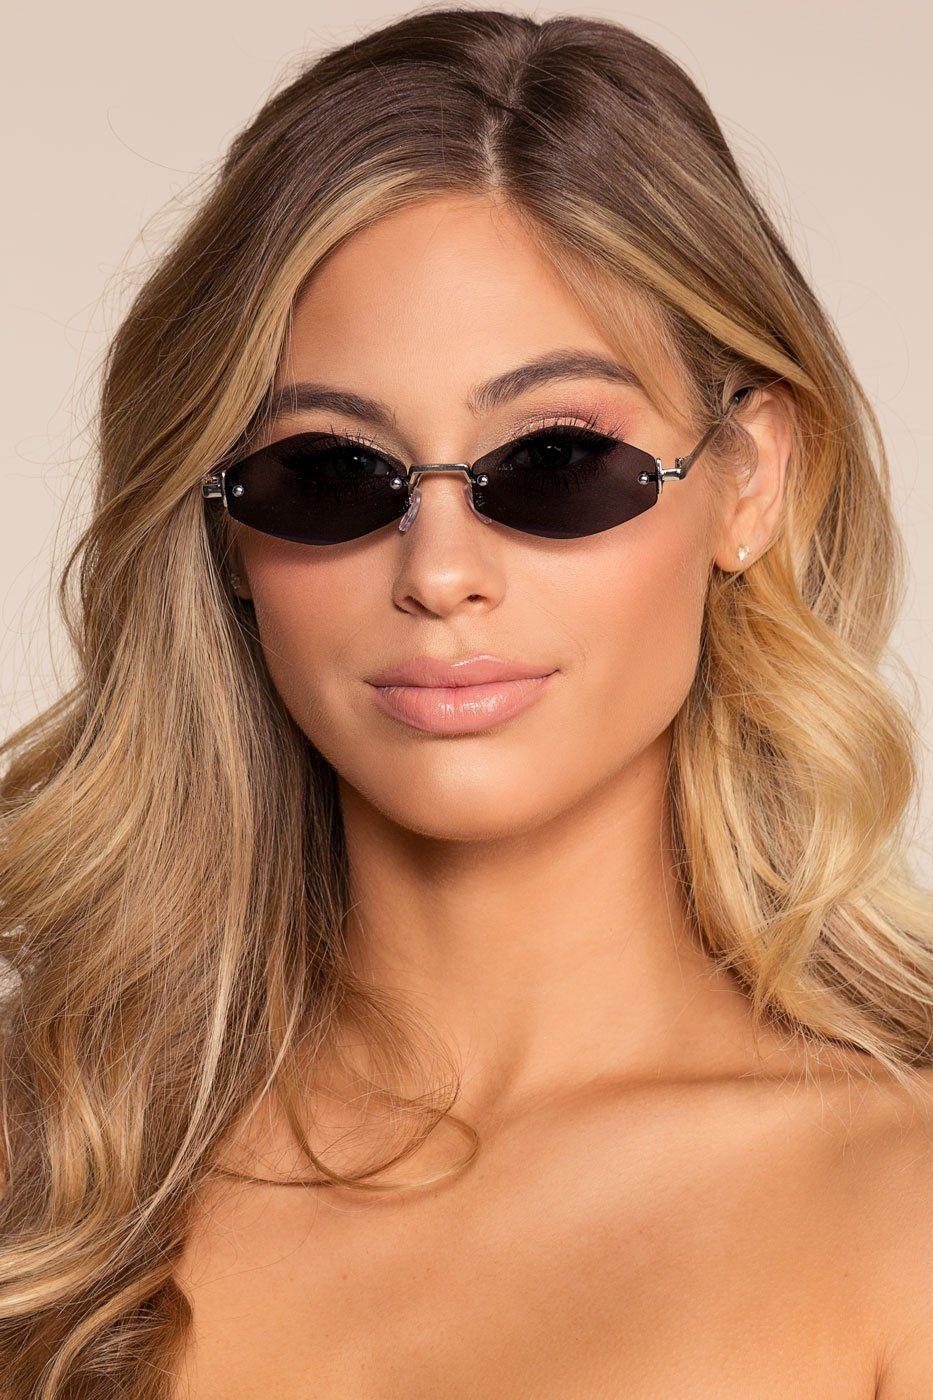 2252e5fa28237 Nova Sunglasses - Black Silver in 2019